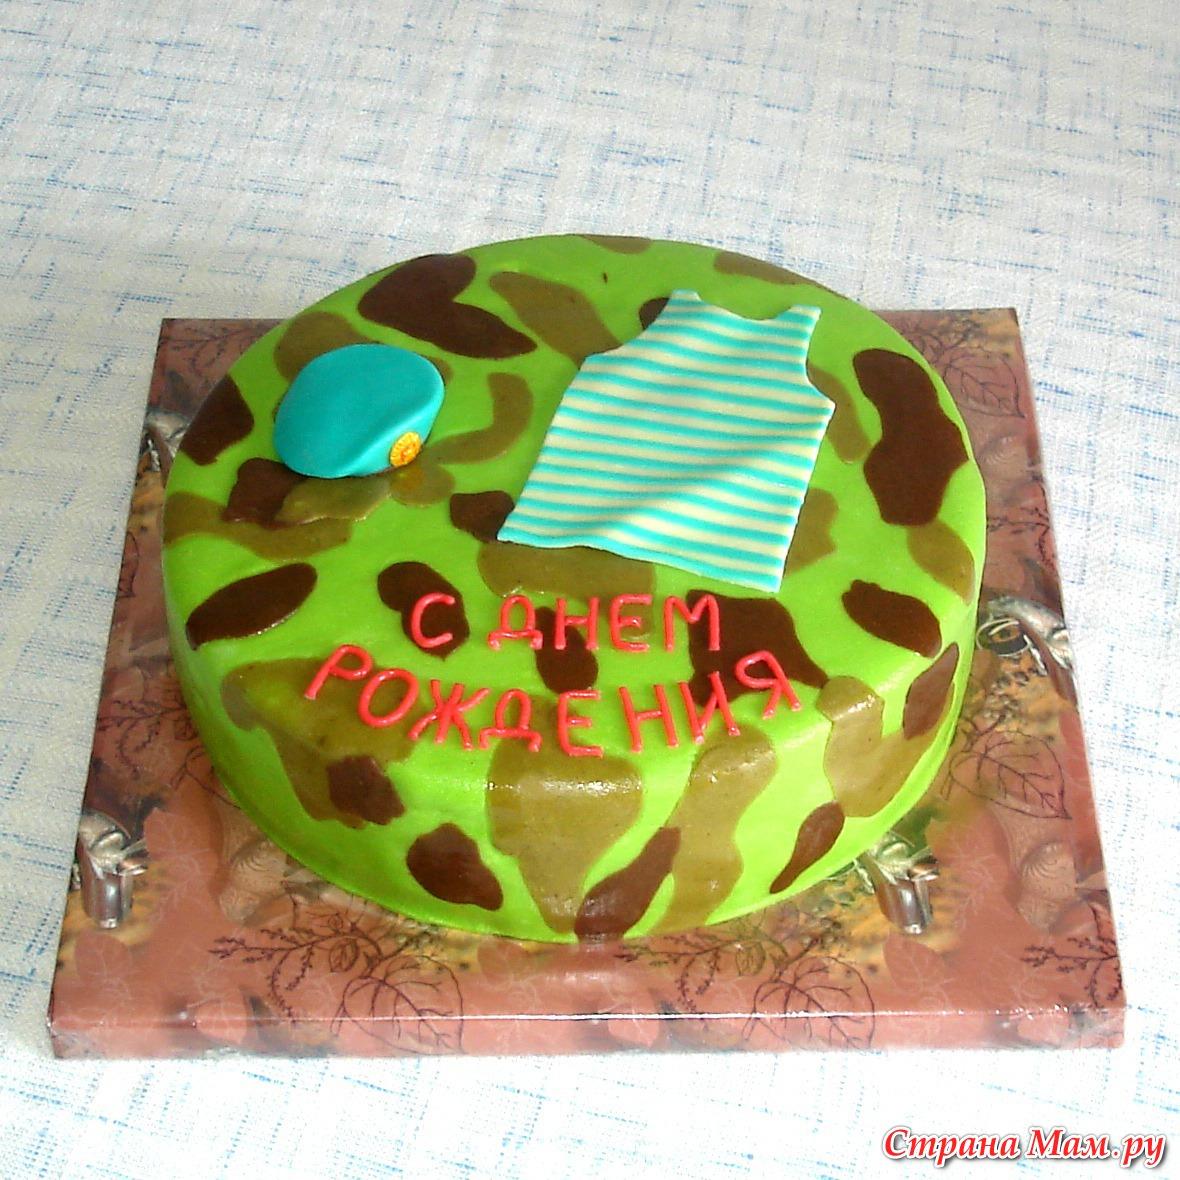 Поздравление для десантника с днем рождения